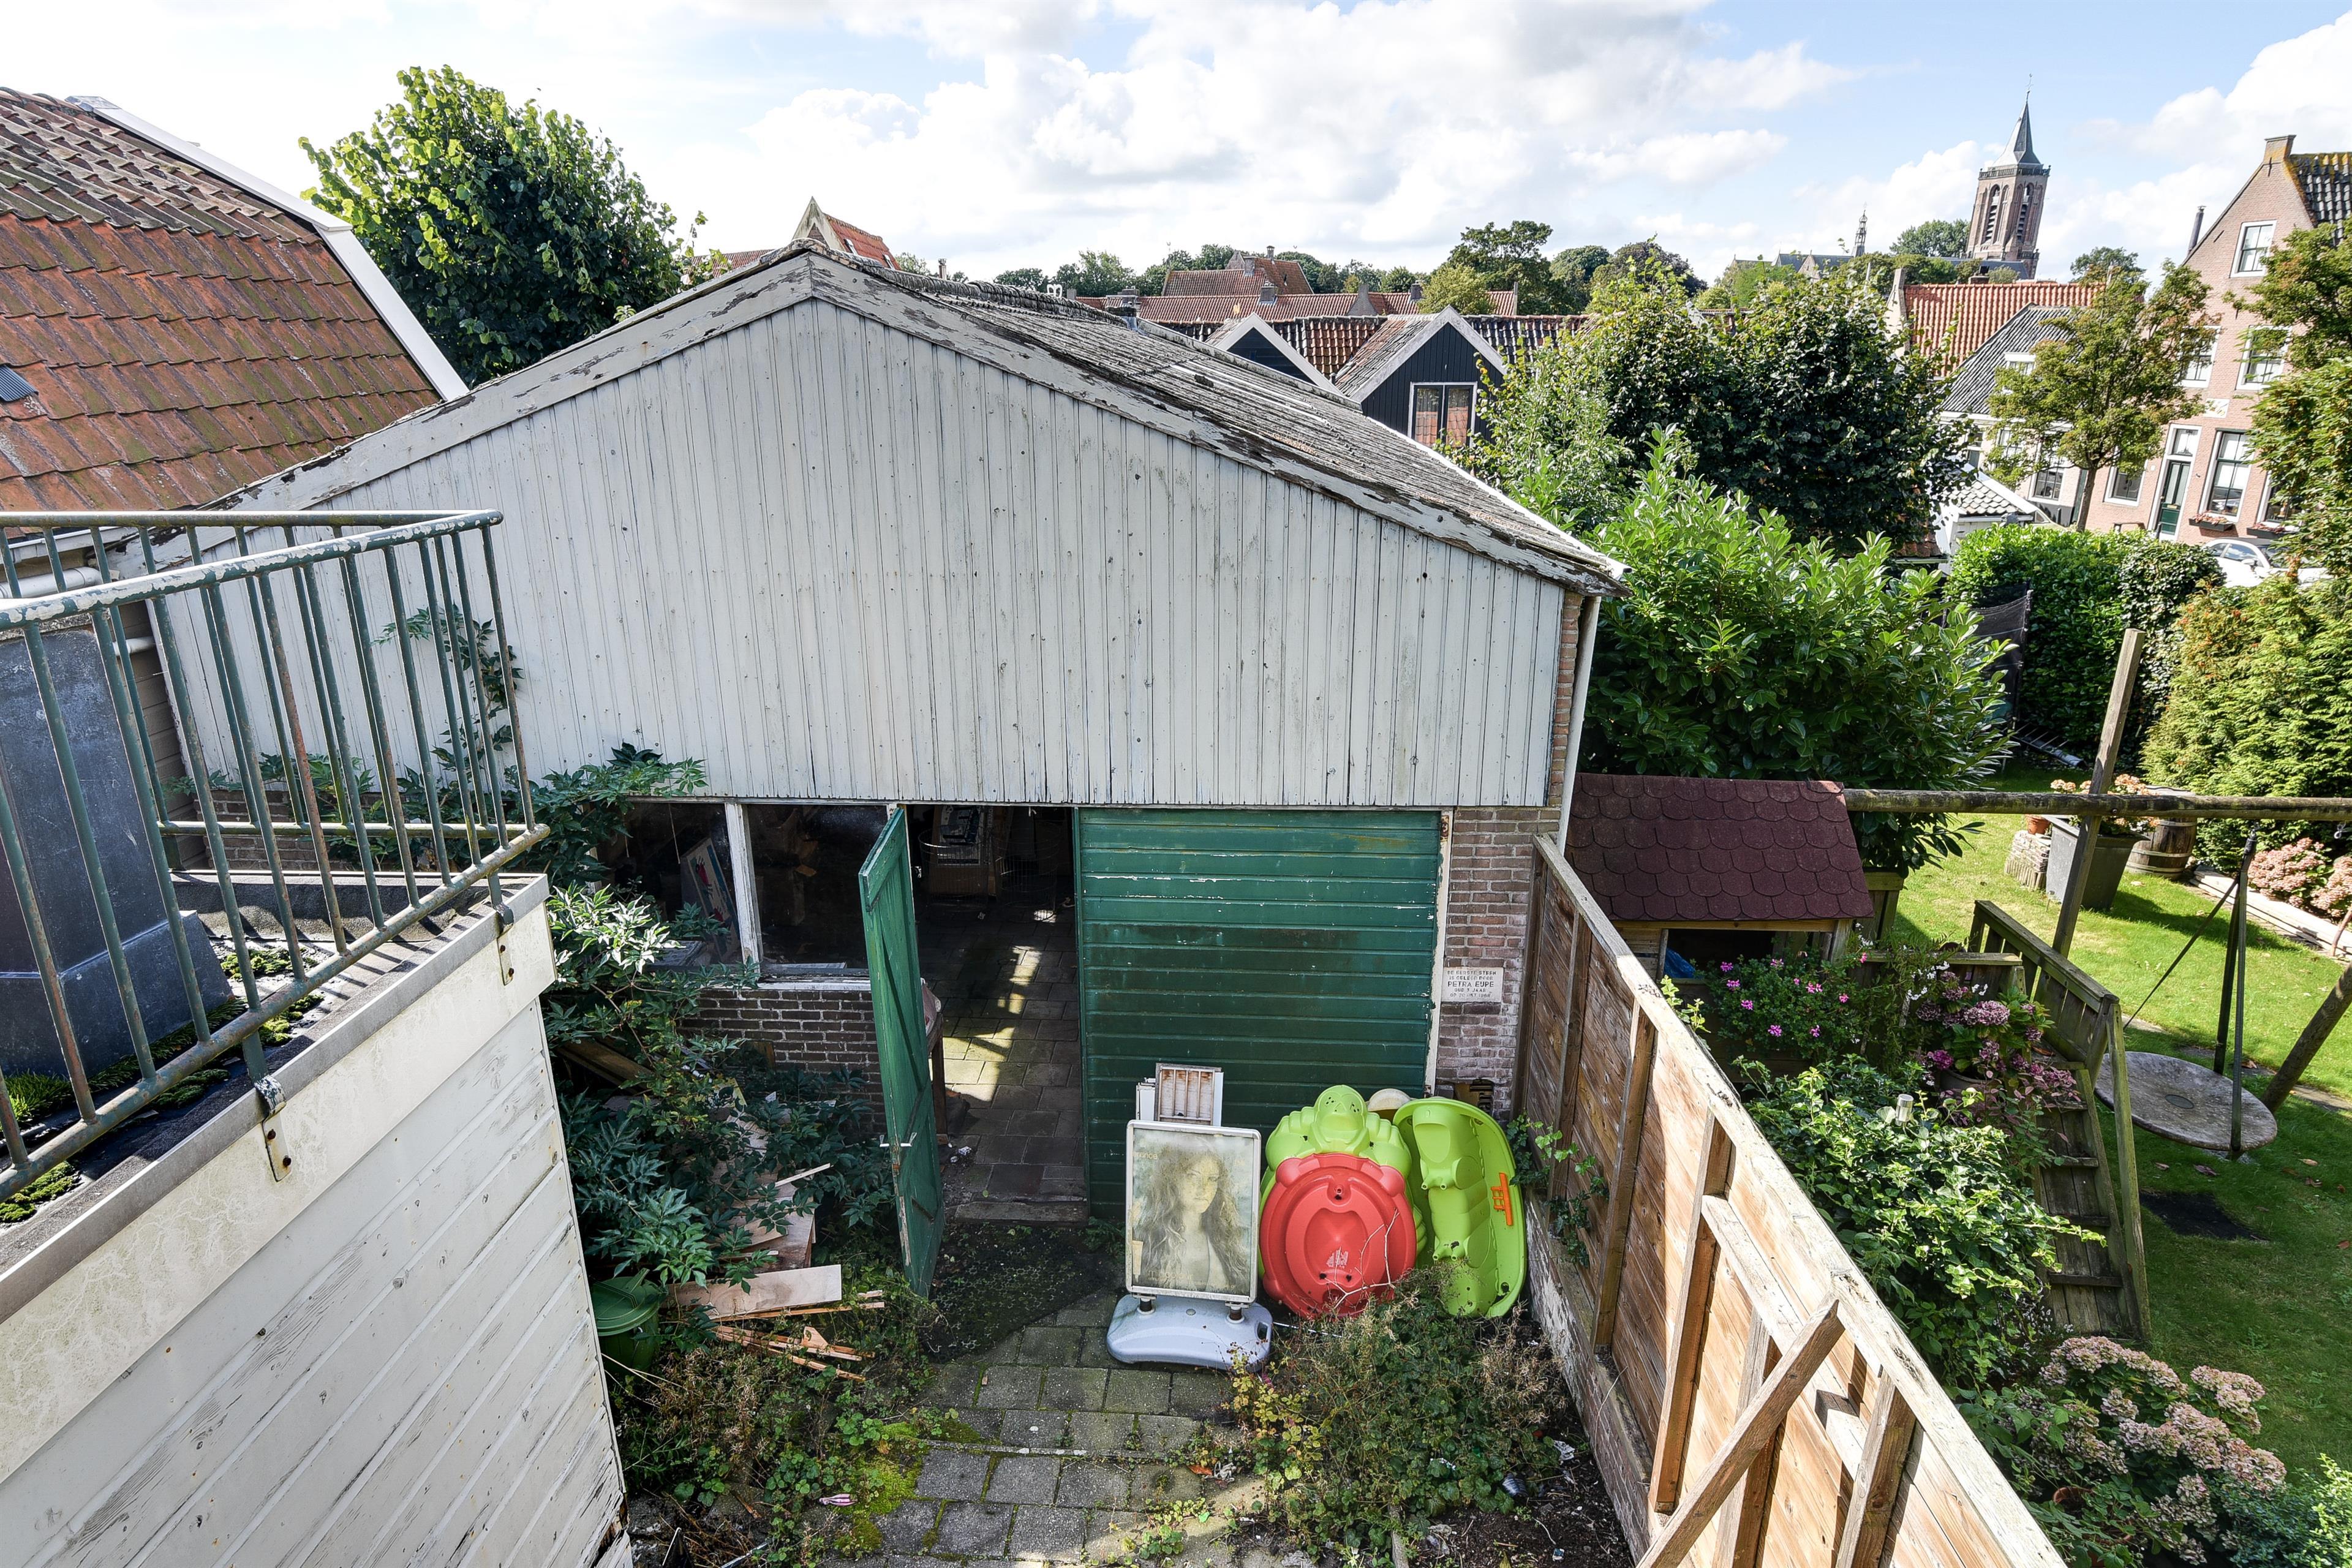 Te koop: Zuideinde 6, Monnickendam - Hoekstra en van Eck - Méér ...